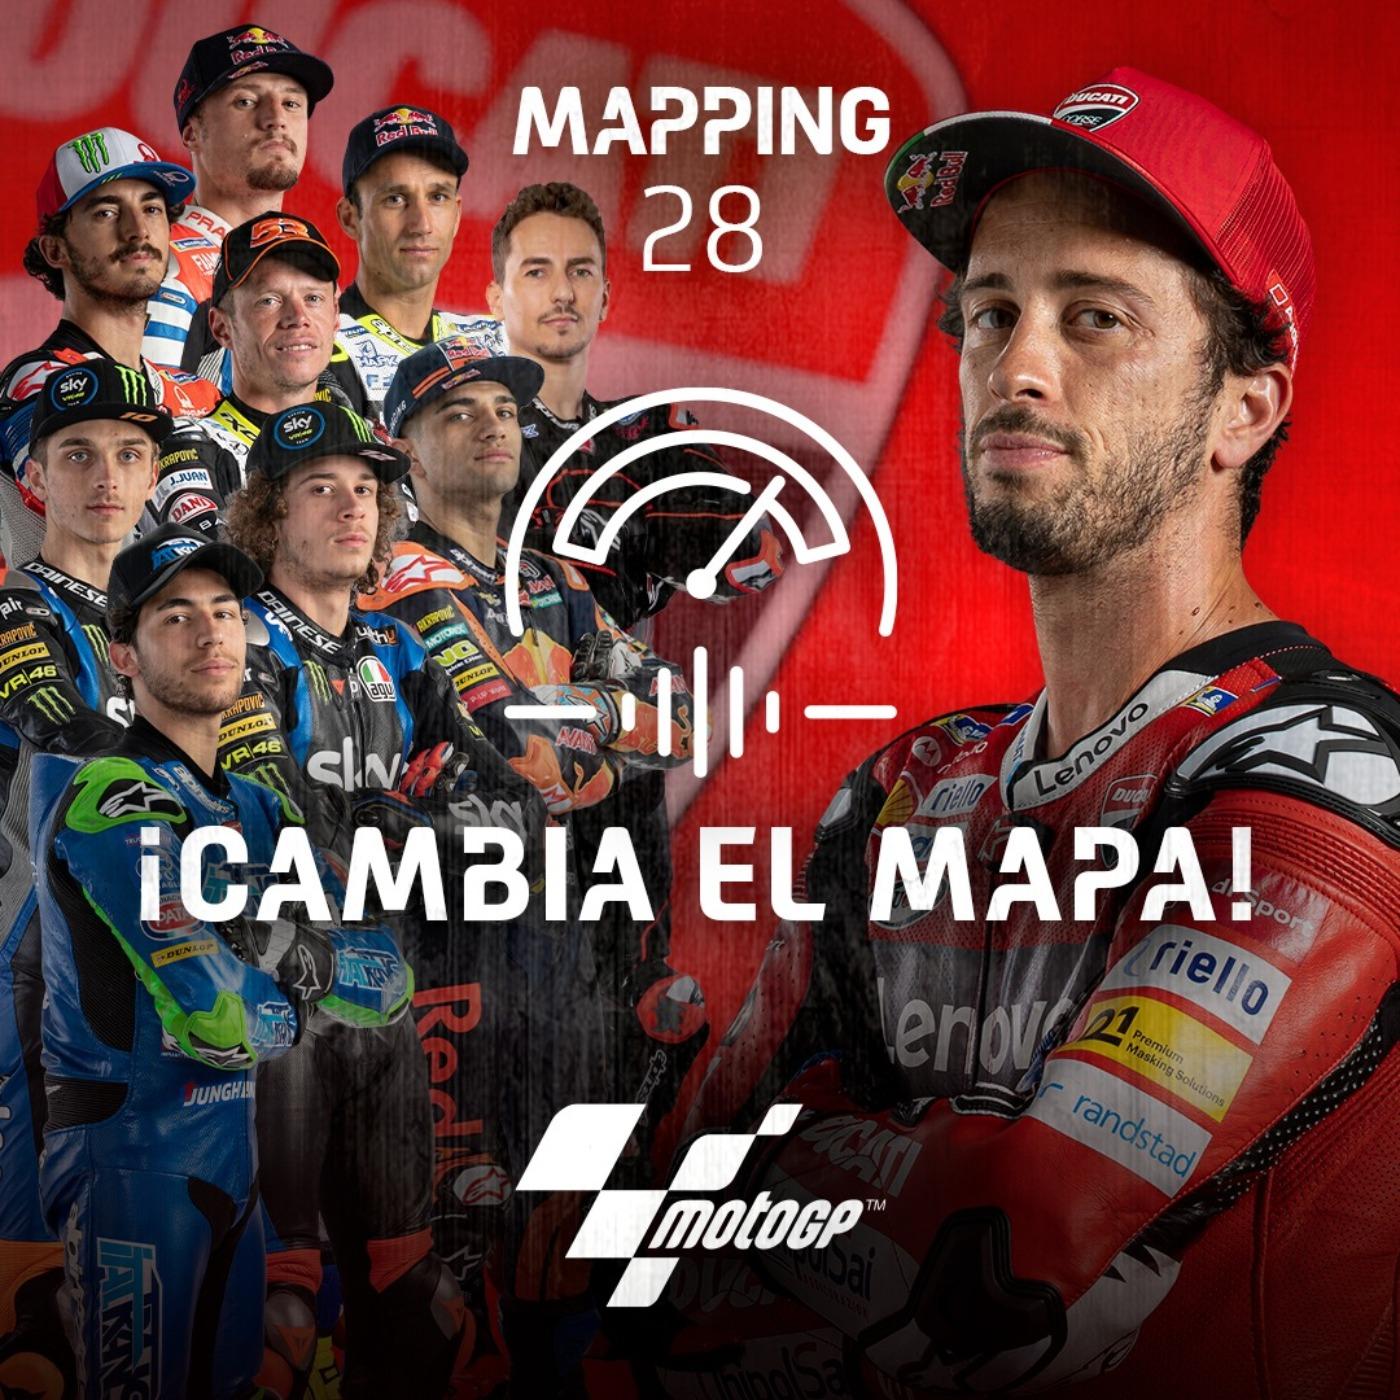 Mapping 28: Las cuentas de Dovizioso y el cambio generacional de Ducati